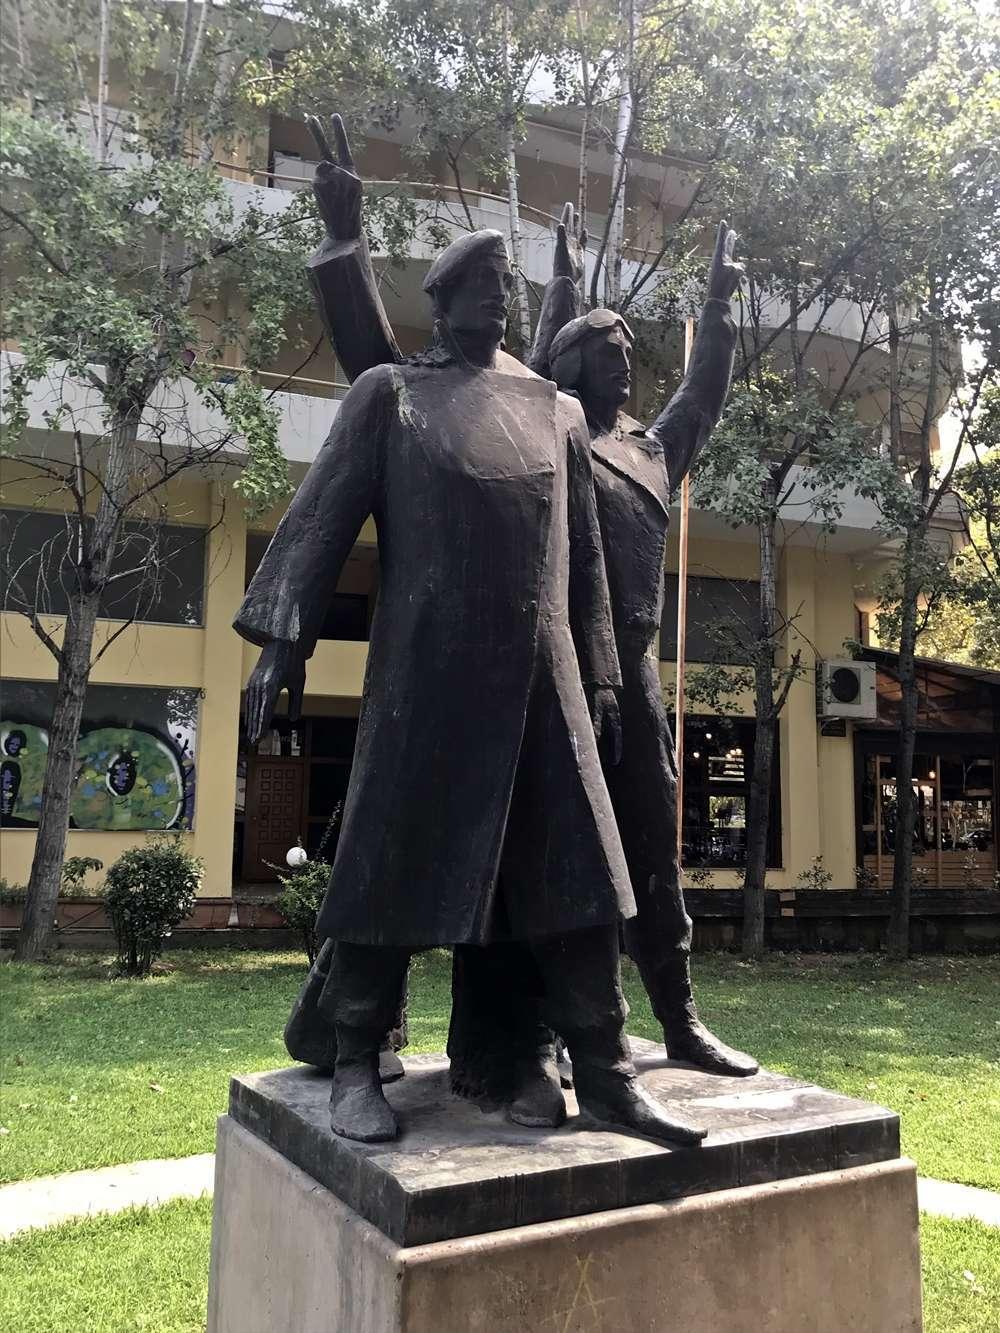 Δίπλα στο νέο δημαρχιακό μέγαρο της Θεσσαλονίκης και στο πανέμορφο κτίριο του Σώματος Ελλήνων Προσκόπων, στο μικρό παρκάκι, μπορεί κανείς ανάμεσα στους θάμνους και τα παγκάκια να βρει το μνημείο των Ιερολοχιτών – Ριμινιτών.